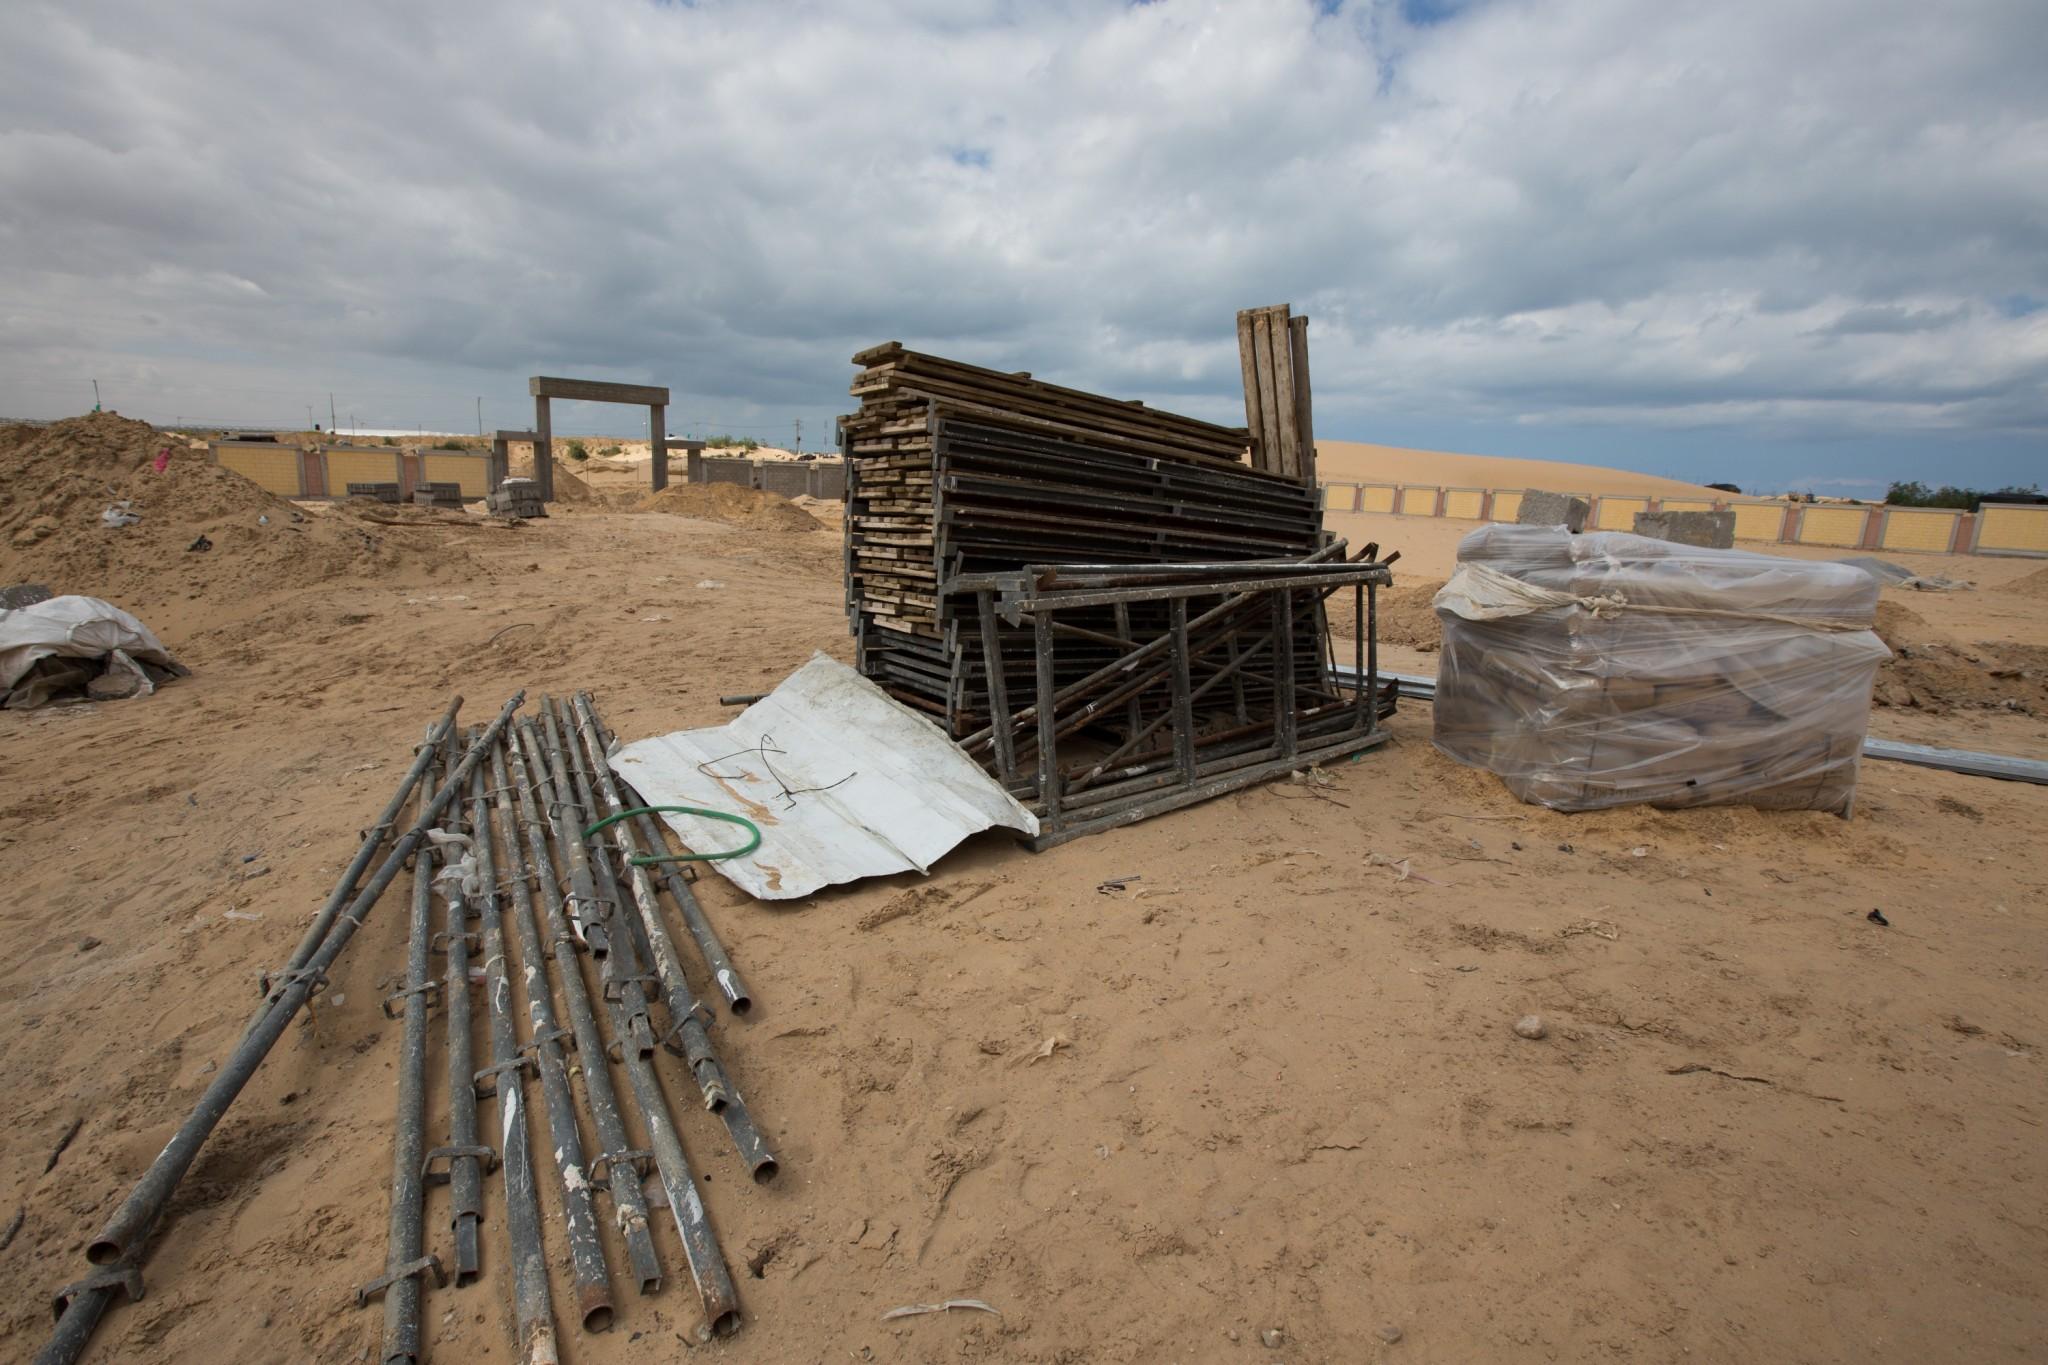 כמחצית מחומרים אלה שימשו לפרויקטים במימון קטאר, שהעבודה עליהם החלה עוד בטרם הלחימה. צילום: אימאן מוחמד